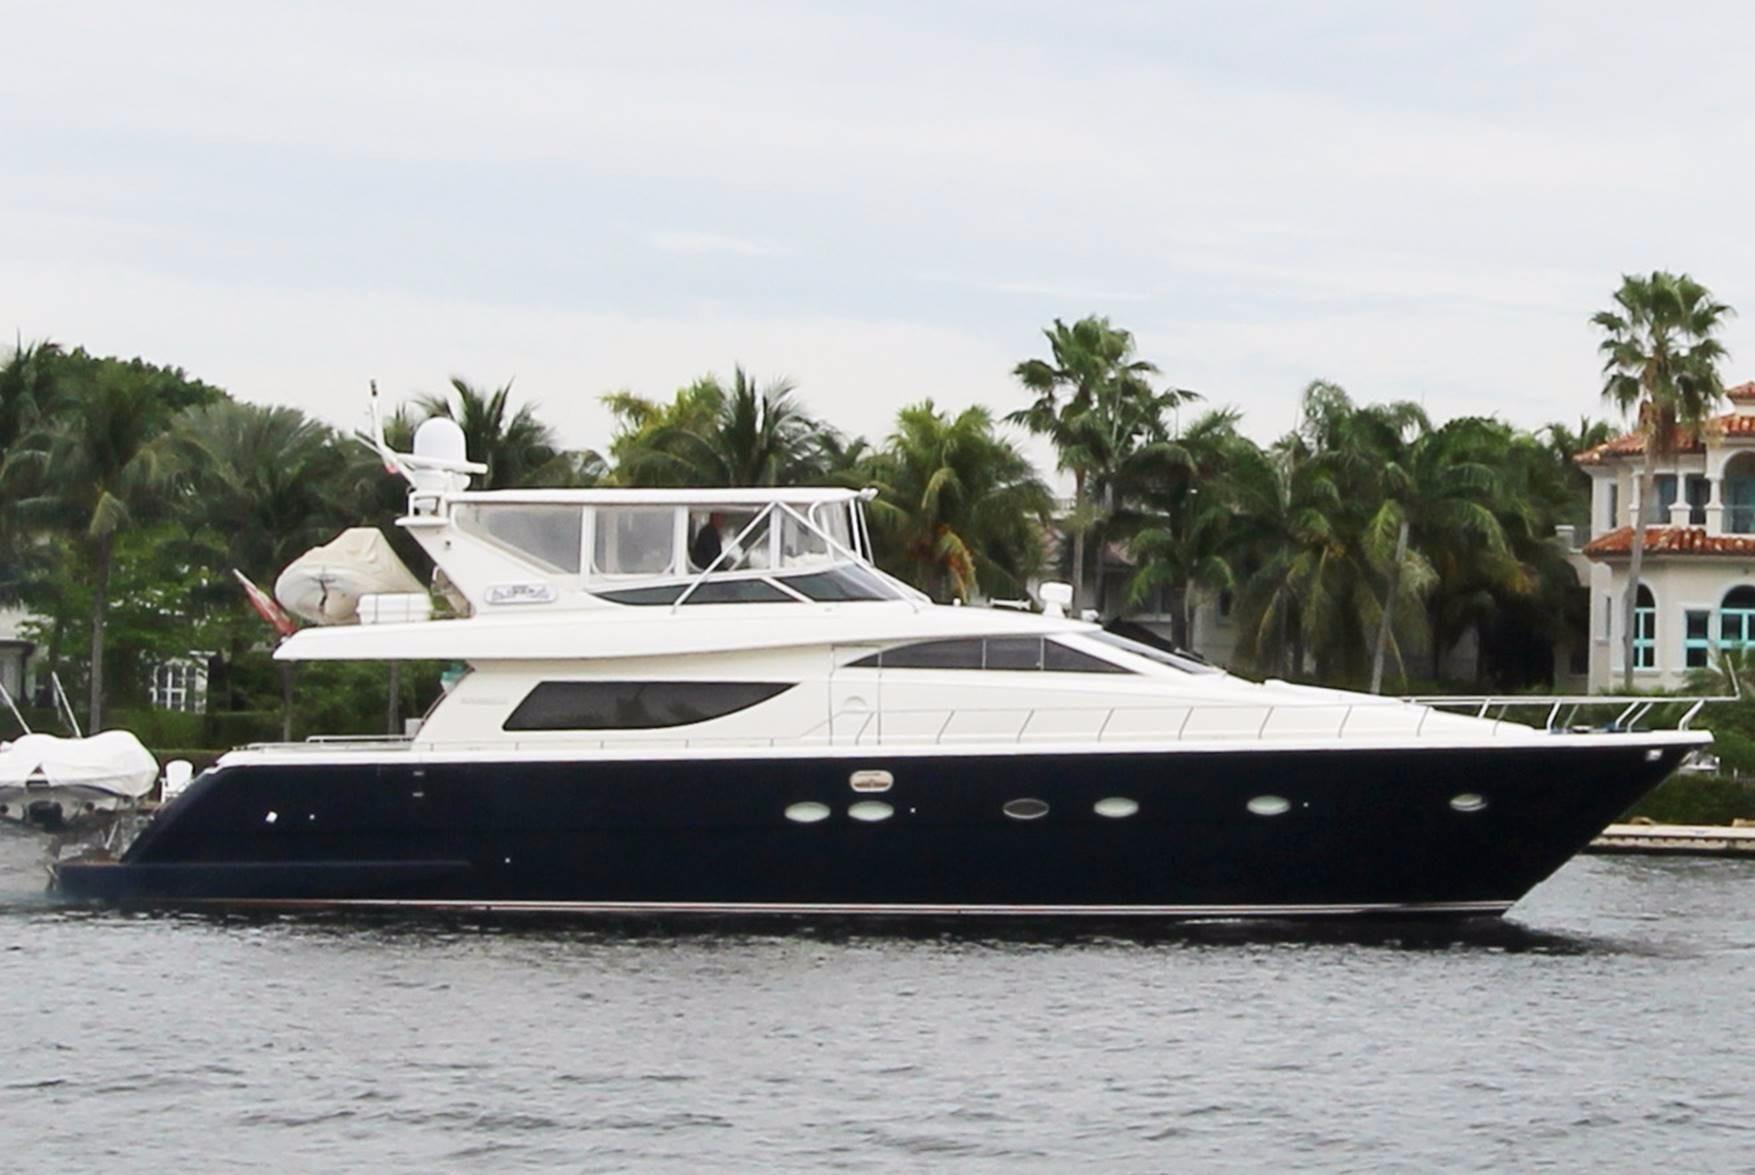 2004 Uniesse 72 Motor Yacht Power Boat For Sale Www